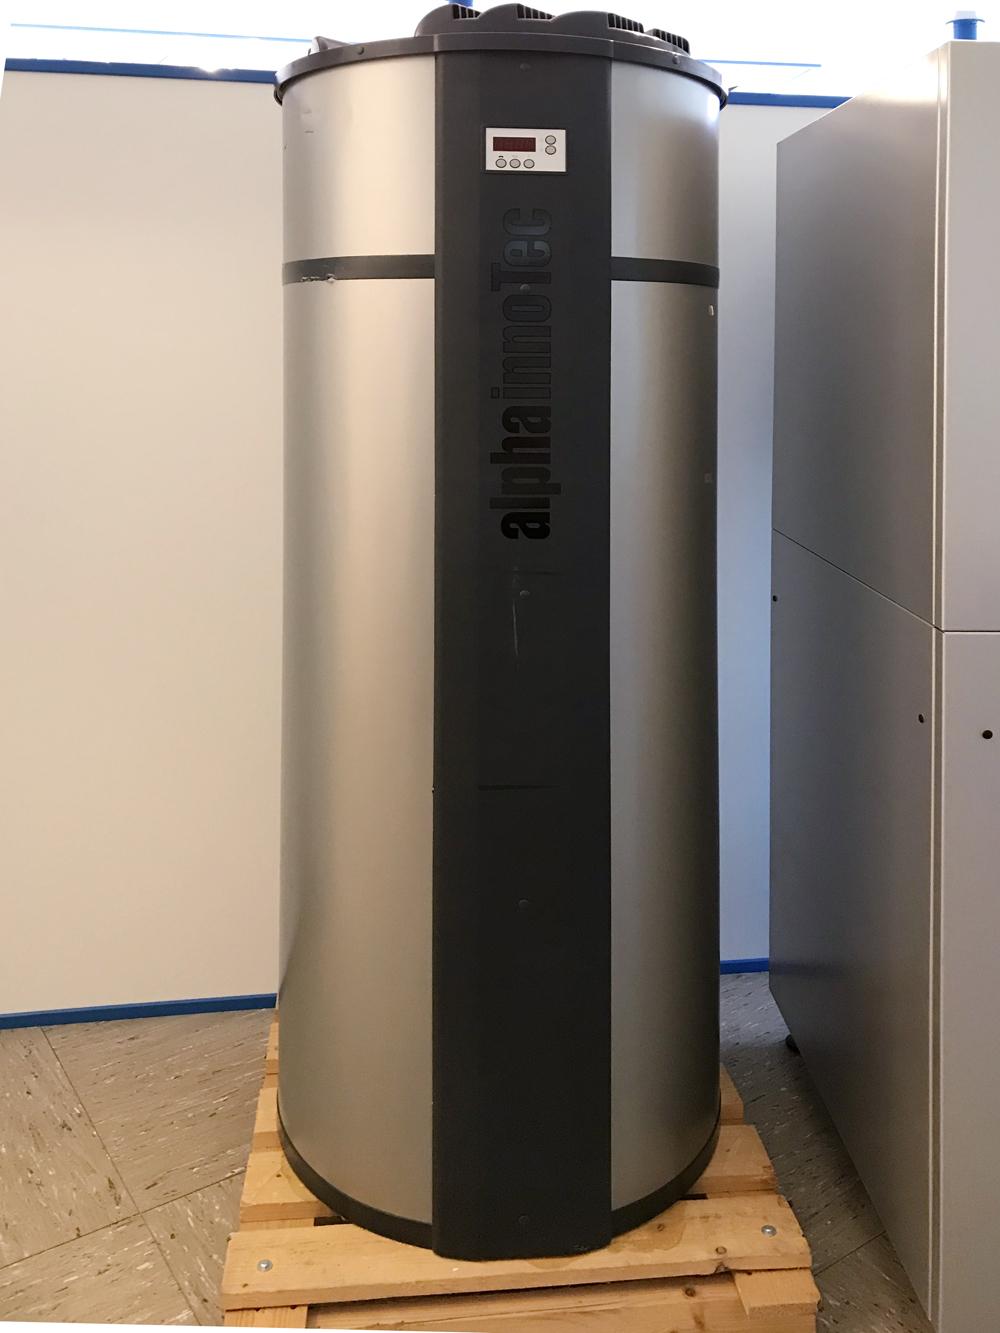 alpha innotec Brauchwasserwärmepumpe 303 S Abverkauf